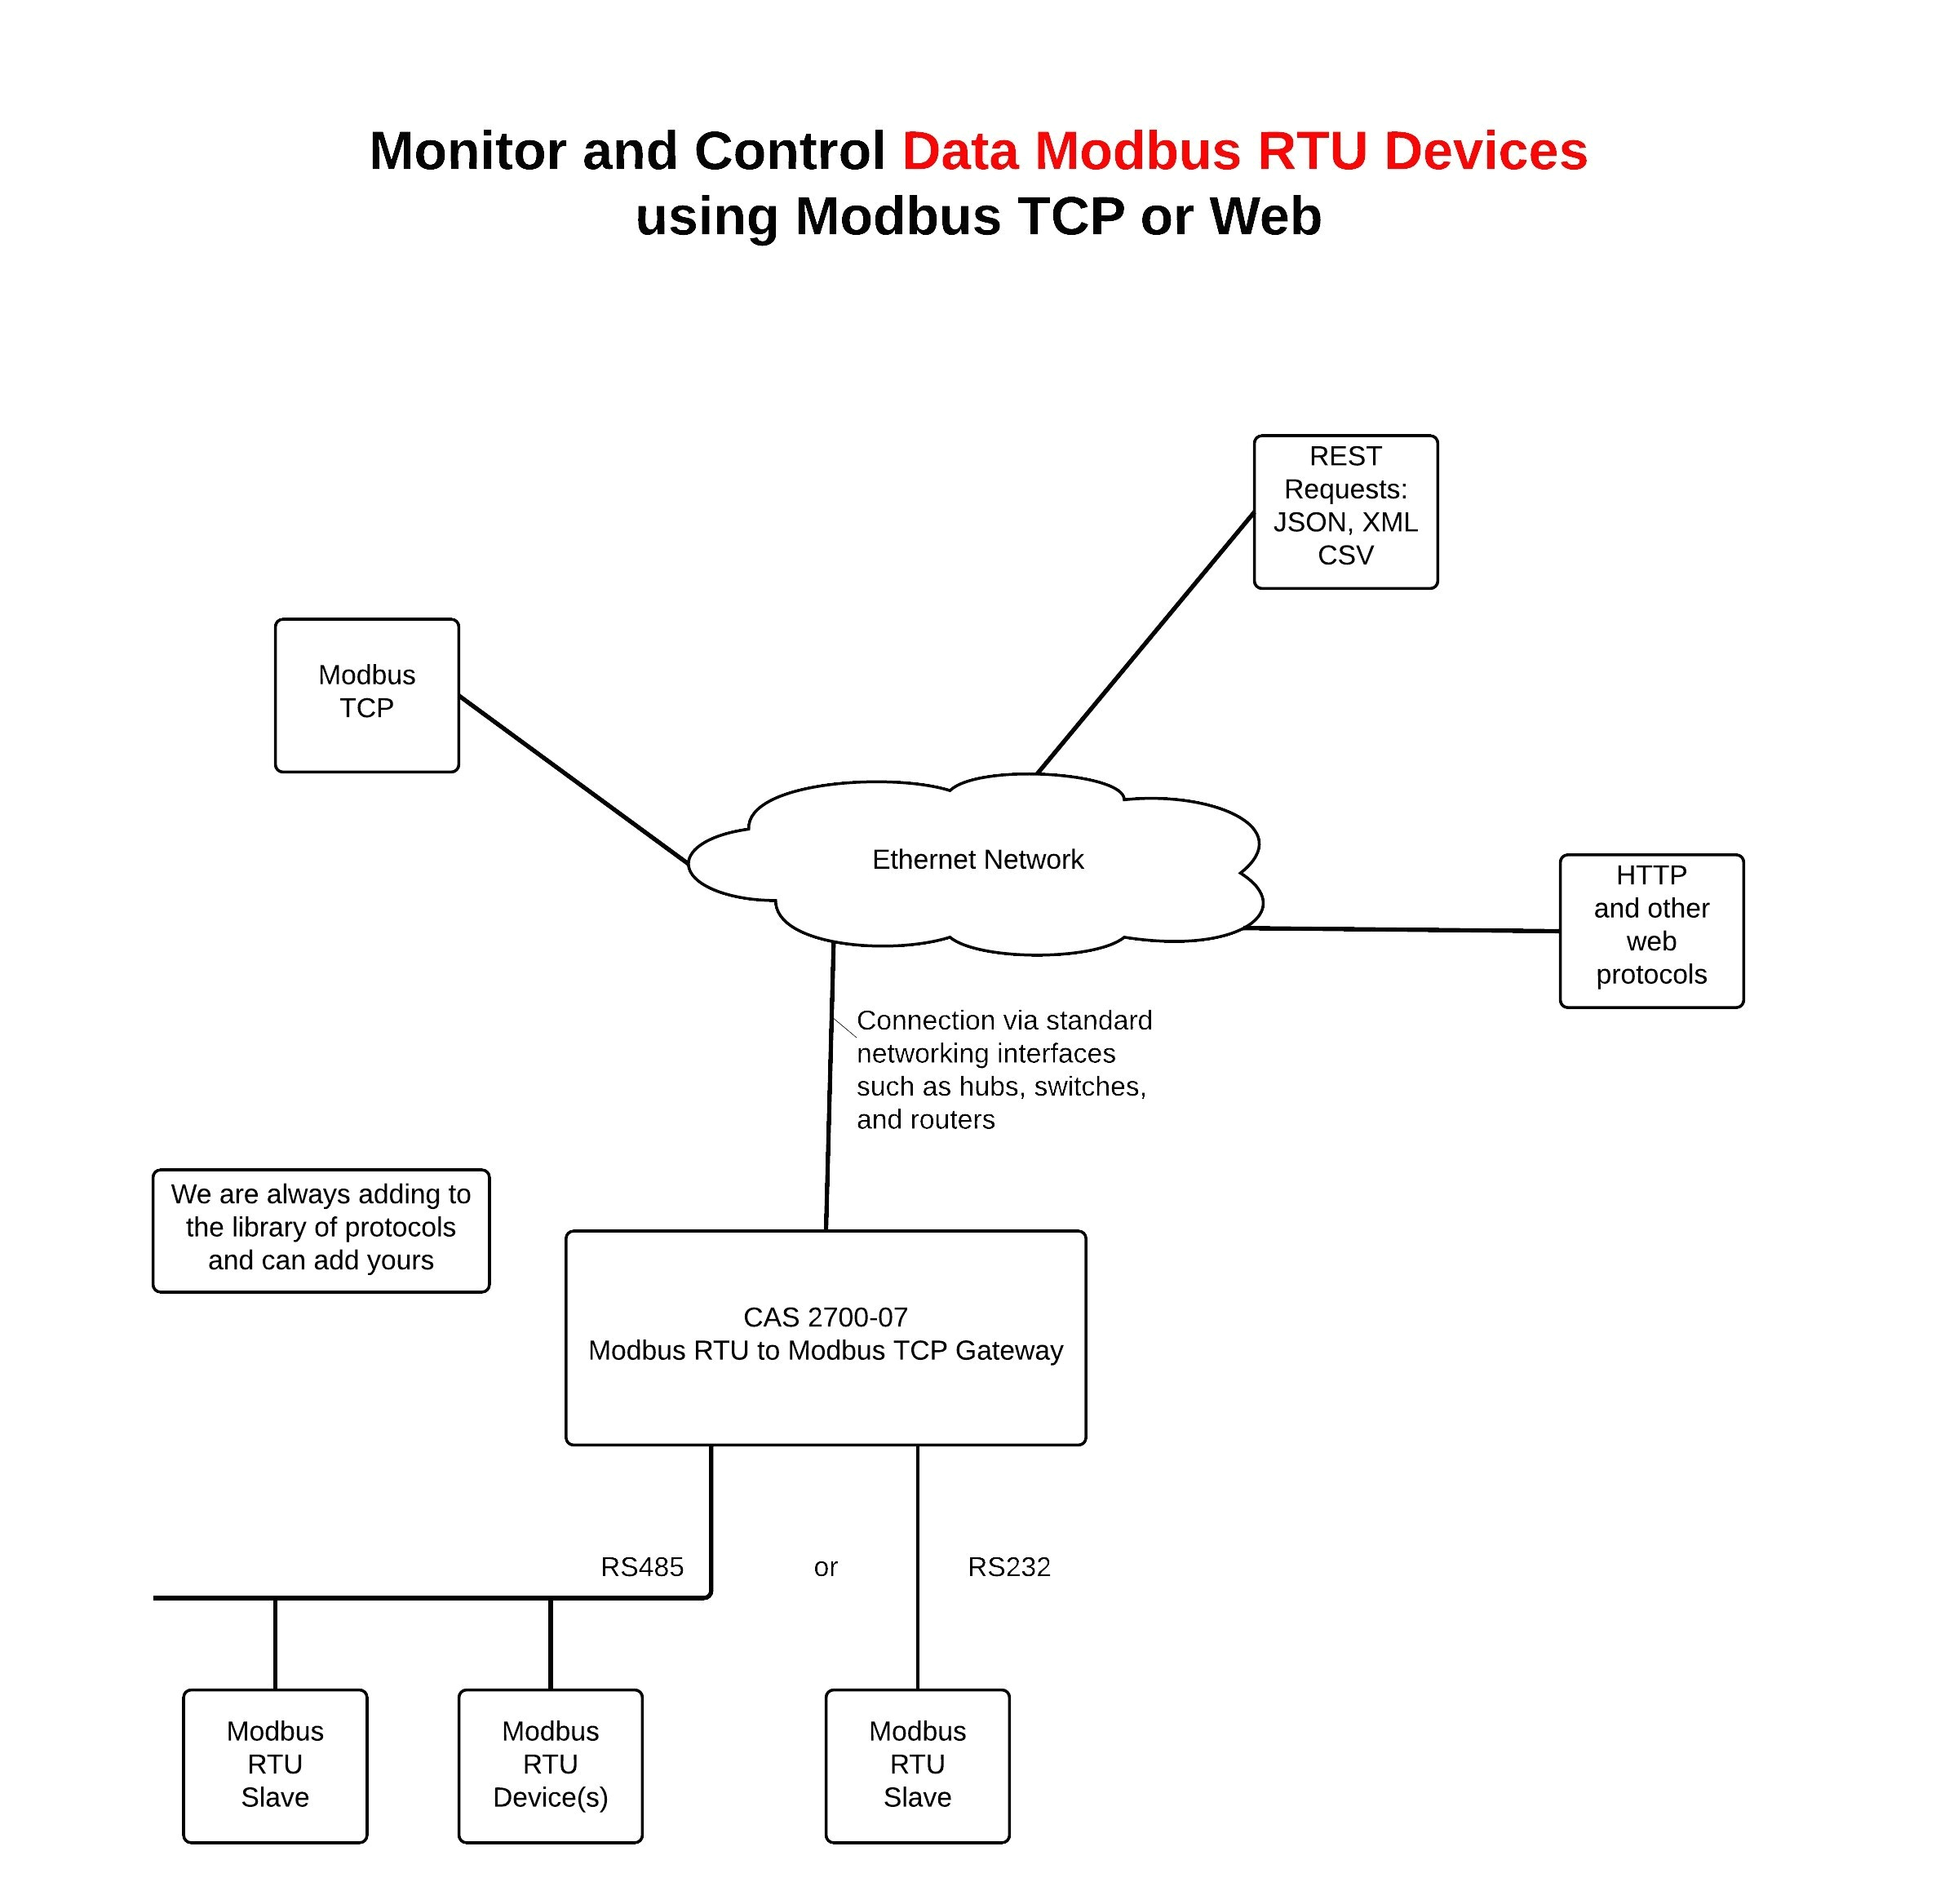 Siga Ct1 Wiring Diagram Rv Electric Diagram solar Wiring Antiochdev org